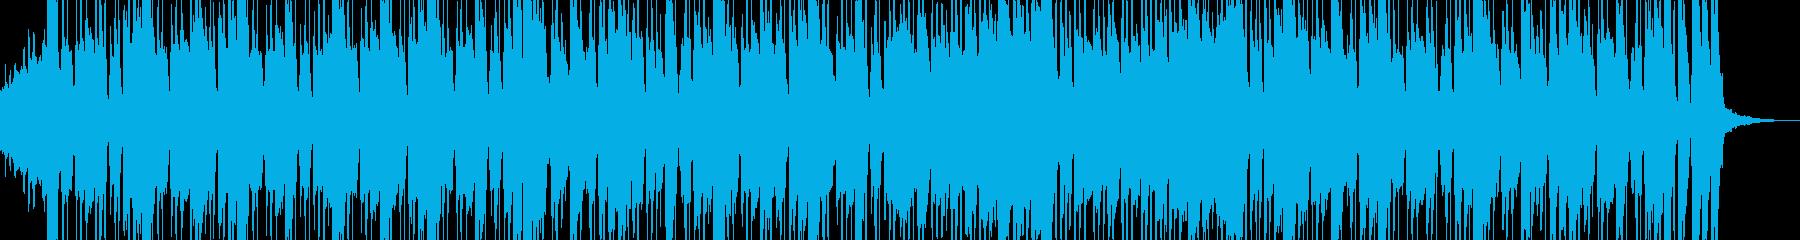 「オースティンパワーズ」スタイルの...の再生済みの波形